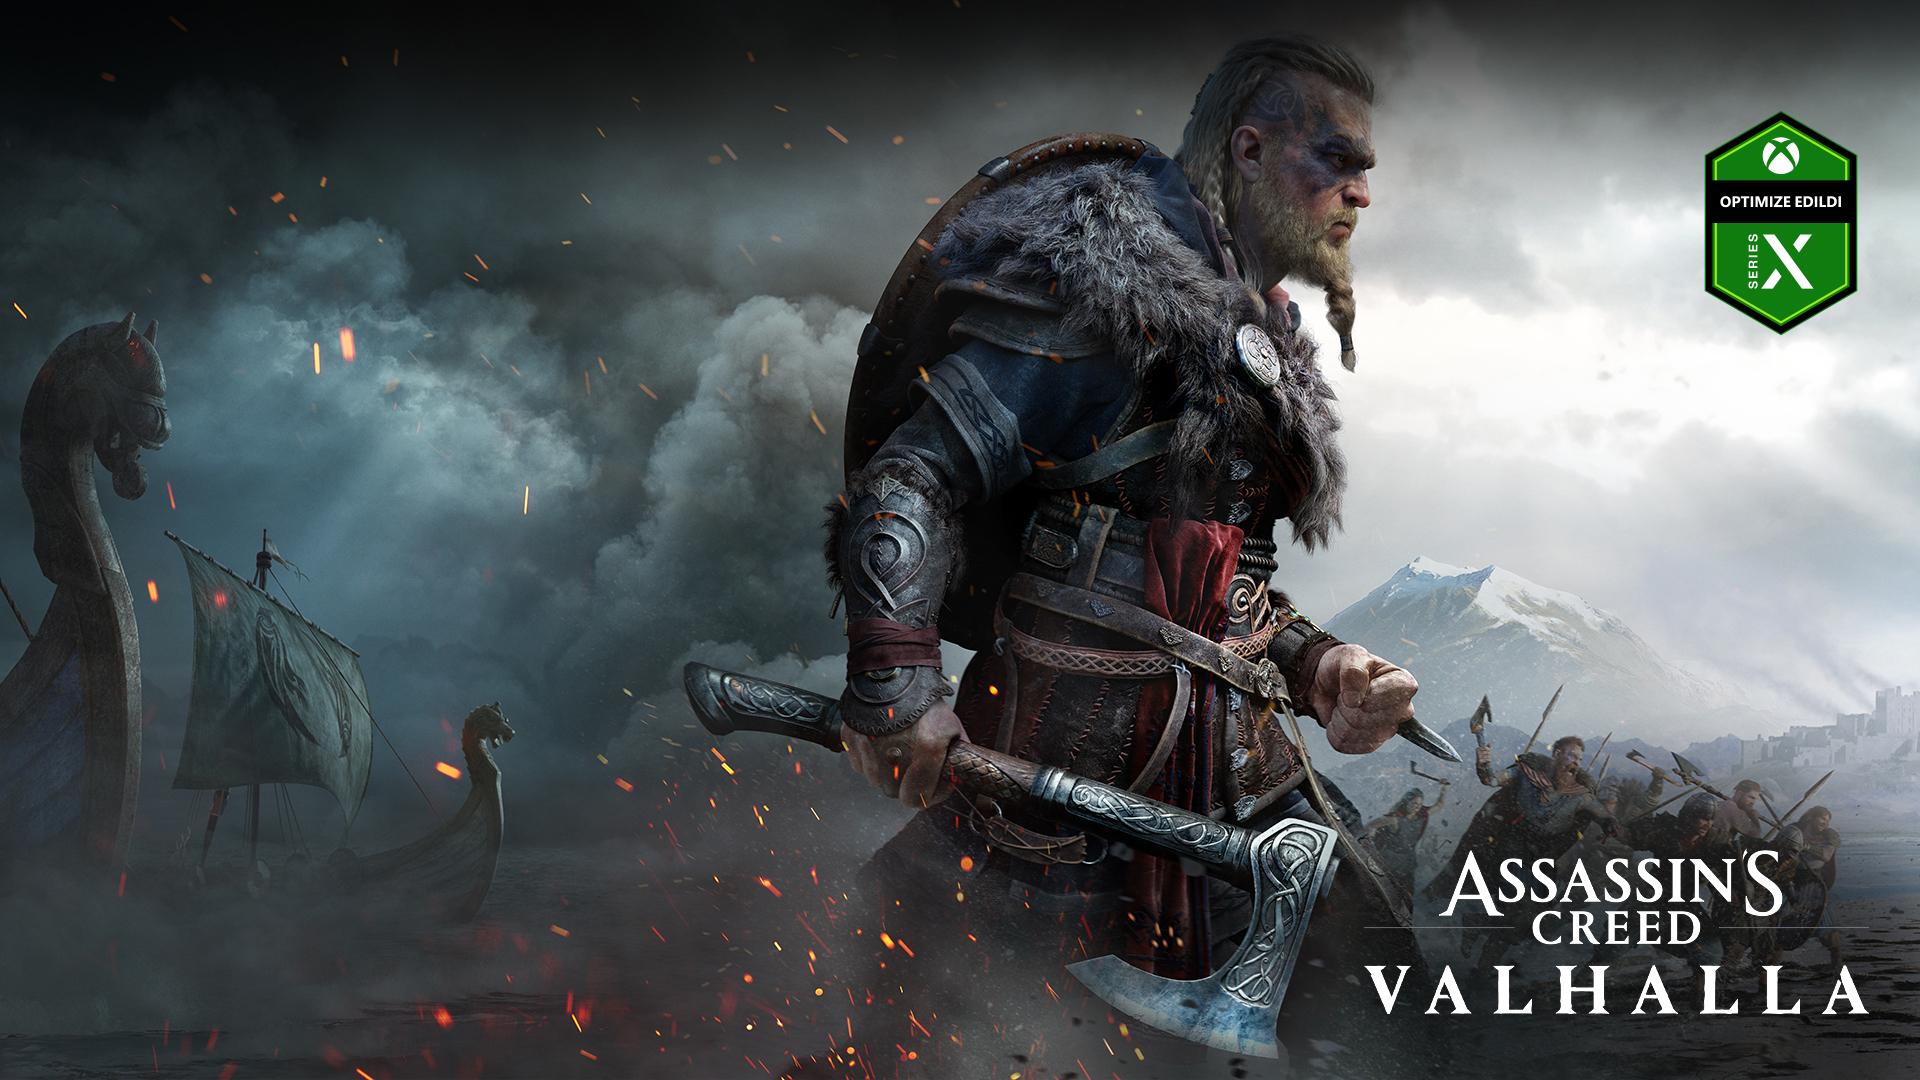 Xbox Series X için Optimize Edildi logosu, Assassin's Creed Valhalla, baltalı karakter, sislerin içinde bir gemi ve savaş